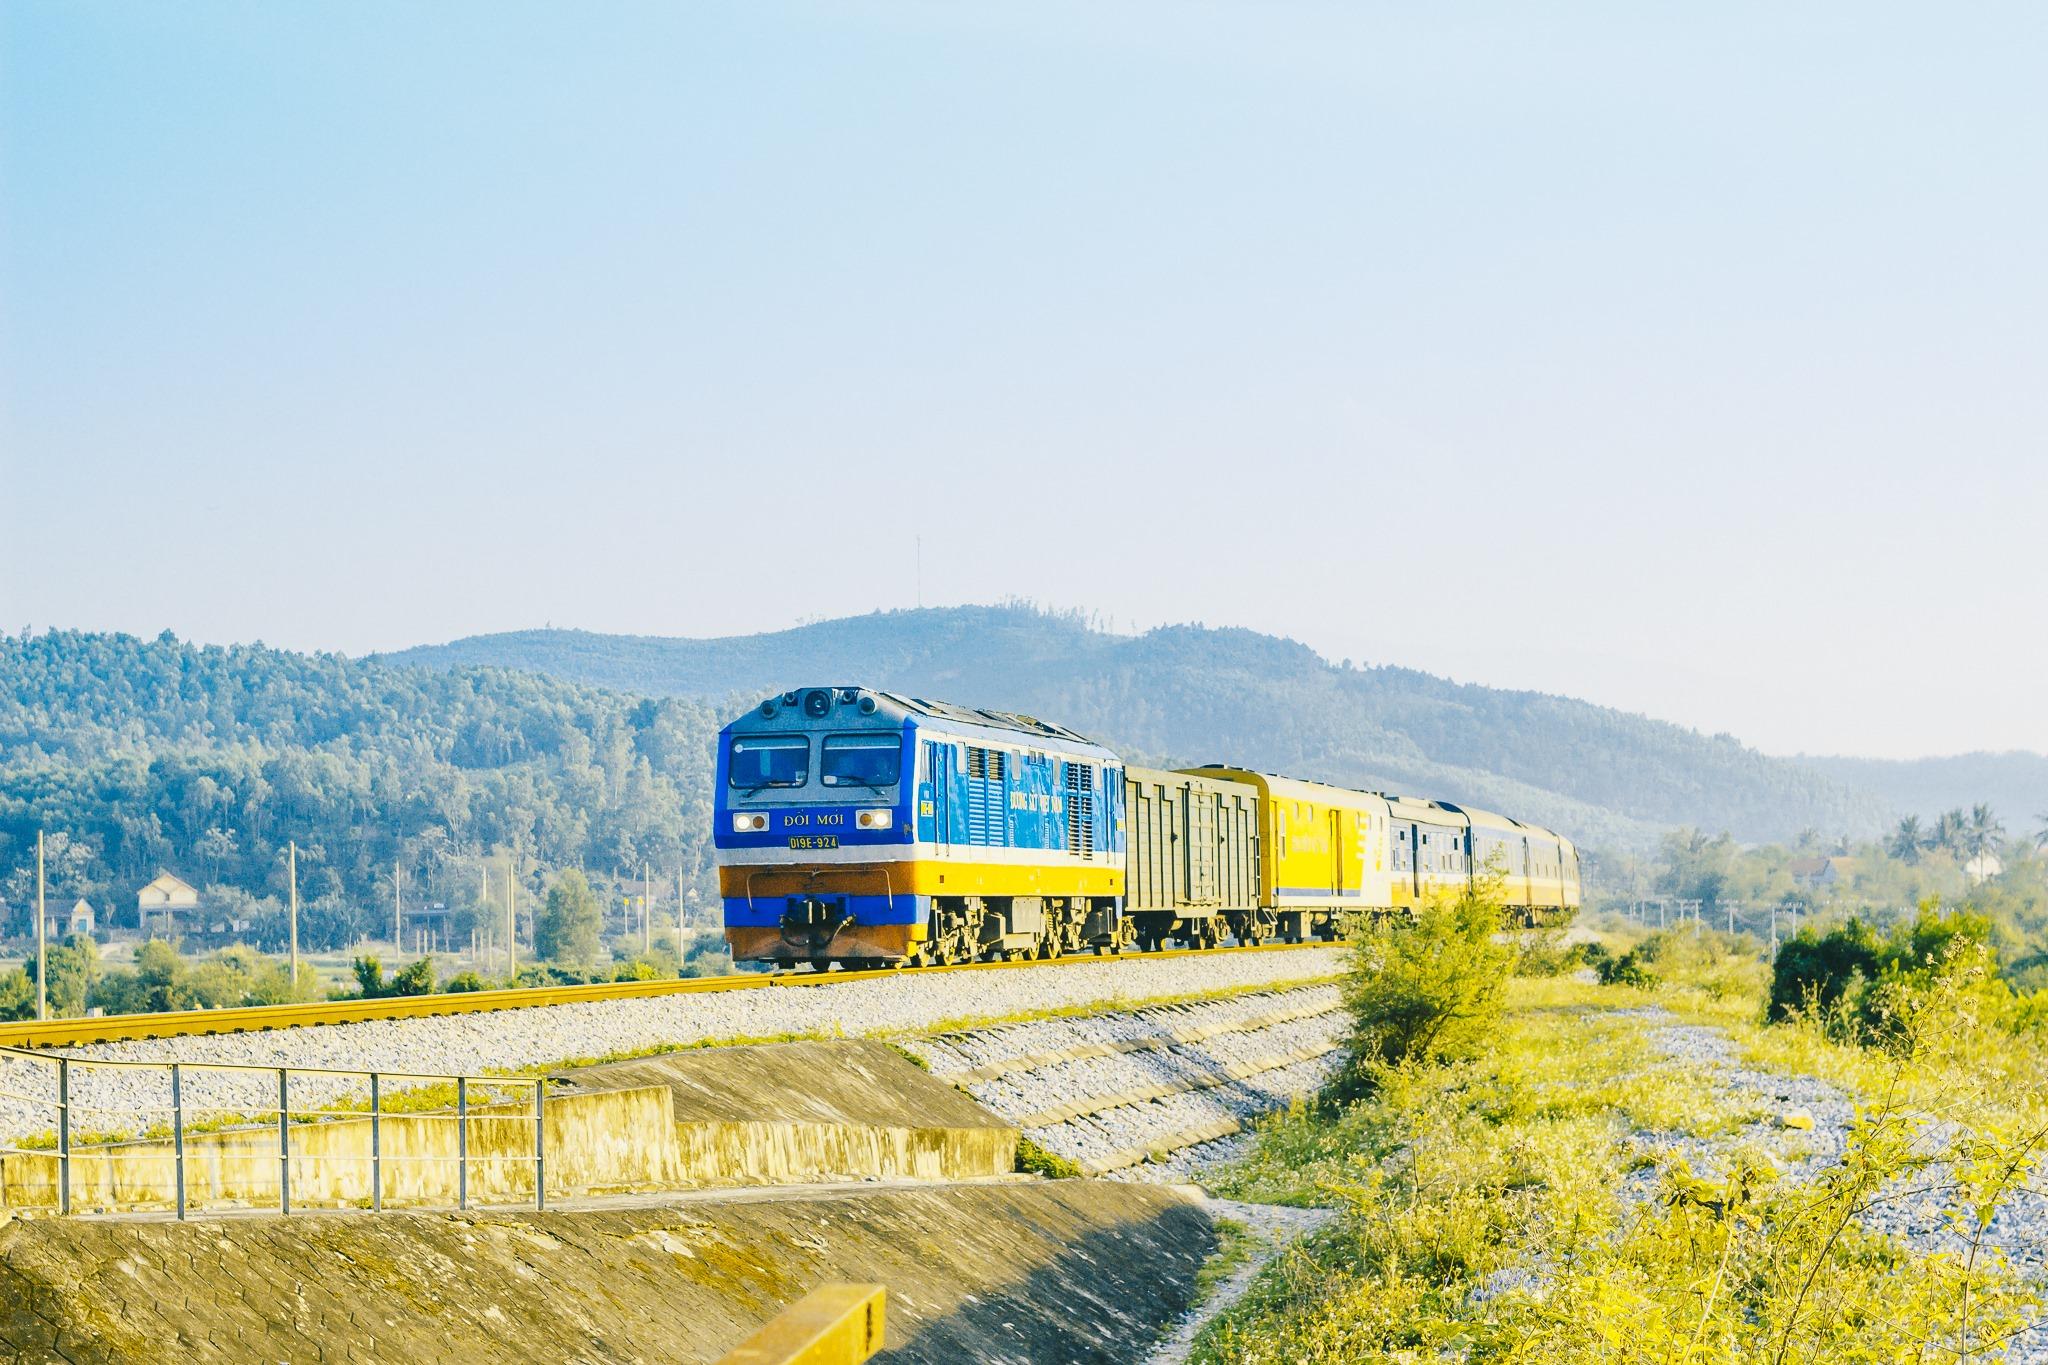 Tự hào tuyến đường sắt Hà Nội - Đà Nẵng lọt top ngoạn mục nhất Thế giới